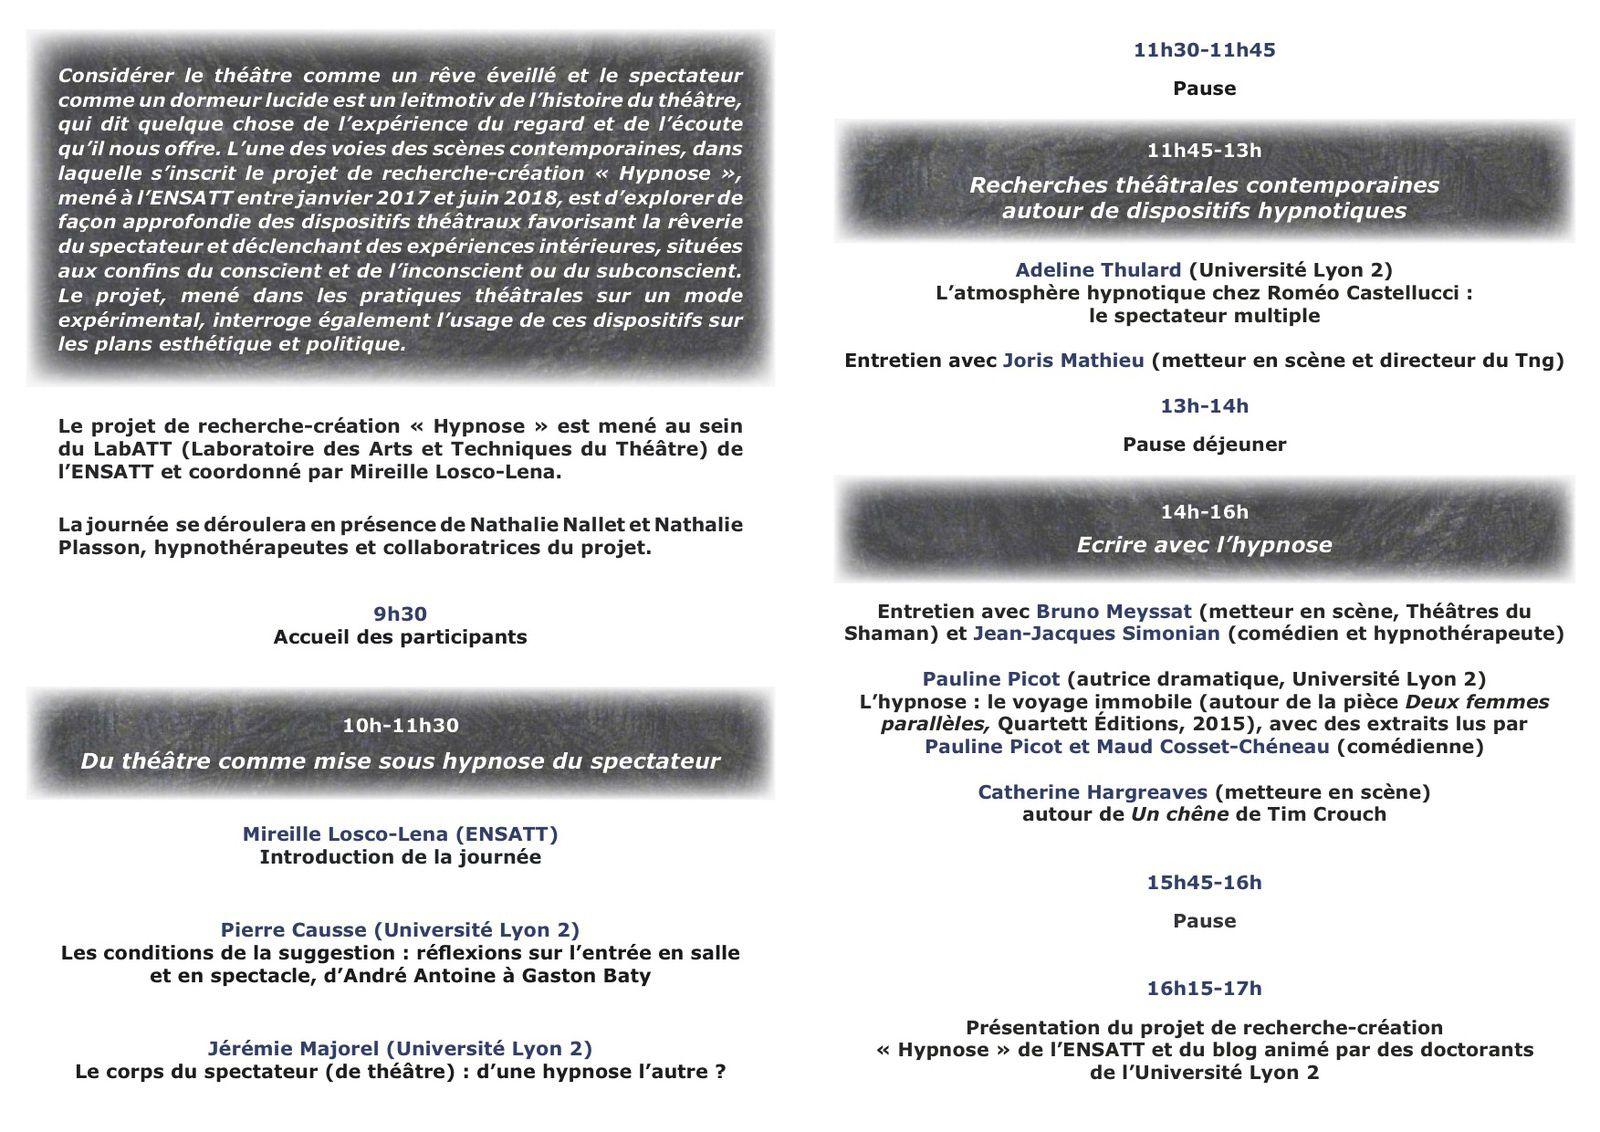 Le programme de la journée d'études « Projet Hypnose – Acte I » organisée par Mireille Losco-Lena et moi-même à l'ENSATT le 21 janvier prochain. Cette journée ouvre le projet de Recherche-Création « Hypnose » qui se déroulera sous la forme de laboratoires pratiques et de séminaires à l'ENSATT (2017-2018)